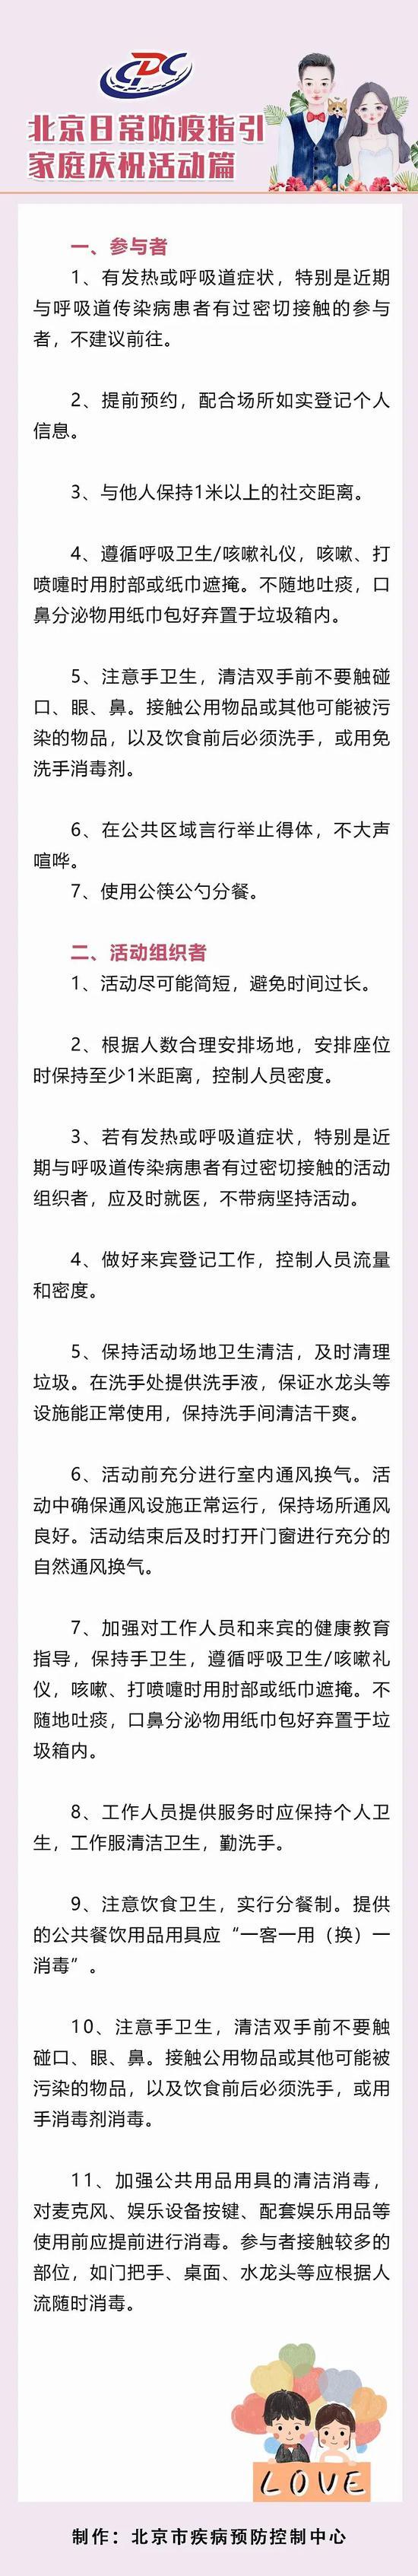 北京发布家庭庆祝活动防疫指引:尽可能简短,避免时间过长图片